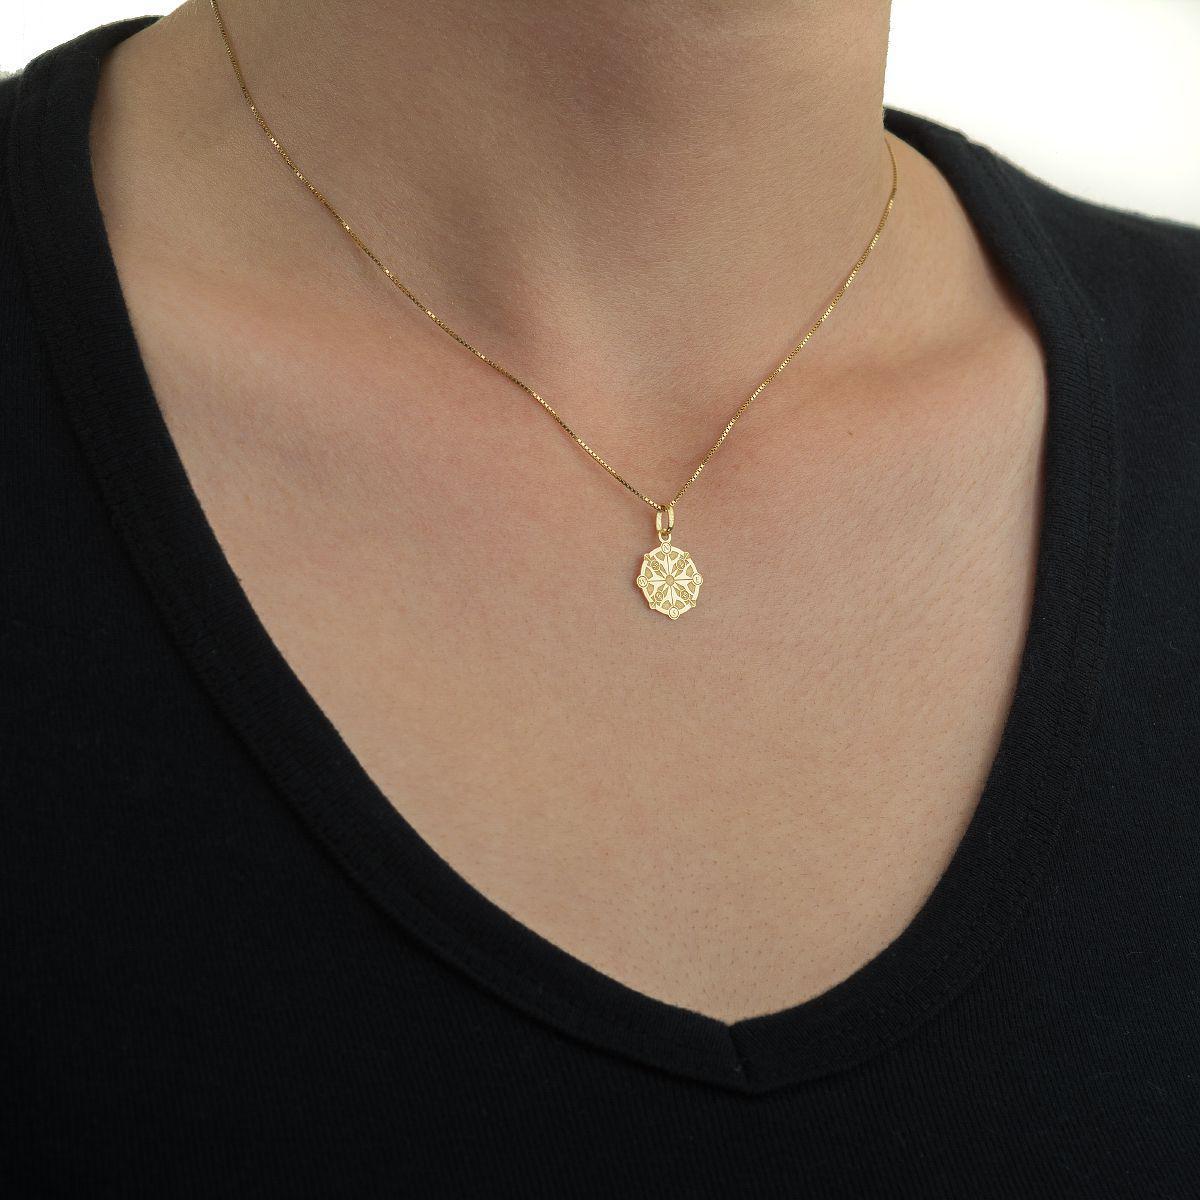 Pingente de Ouro 18k Bússola Rosa dos Ventos pi18795 - Joiasgold Produto  não disponível 1b9075ea91